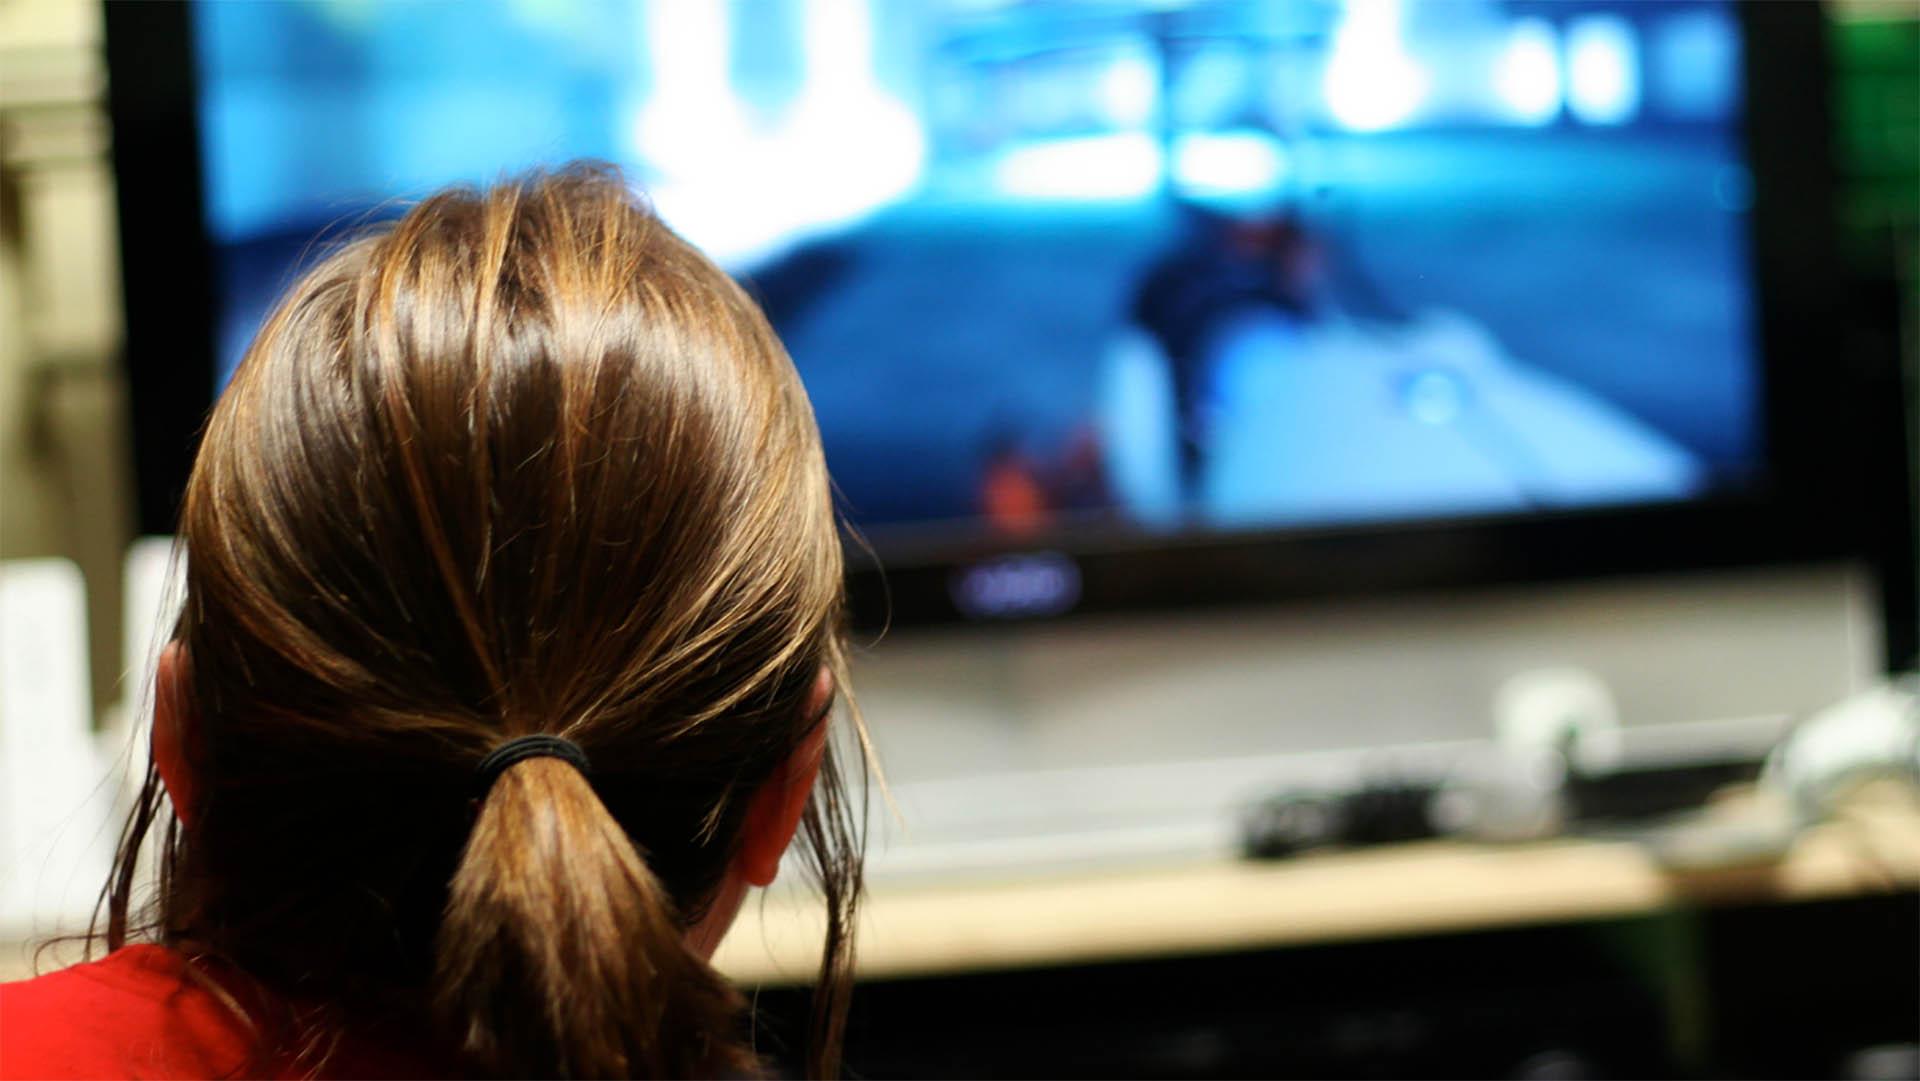 Über das Video-Treaming-Portal Twitch sind viele Millionen Menschen weltweit vernetzt